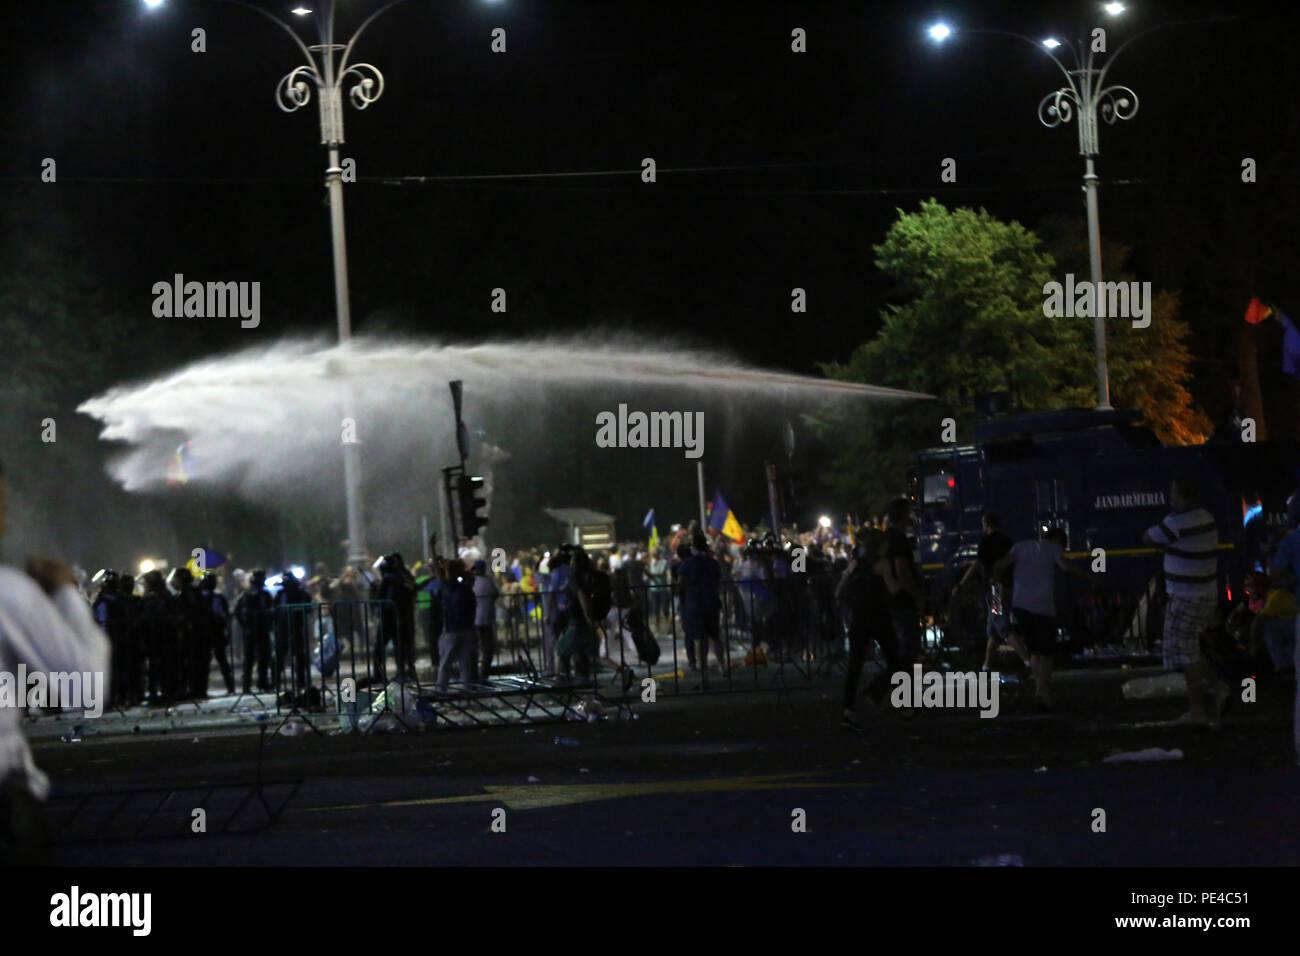 Bucarest, Rumania - Agosto 10, 2018: los cañones de agua son usadas durante la violenta protesta antigubernamental en Bucarest. Imagen De Stock